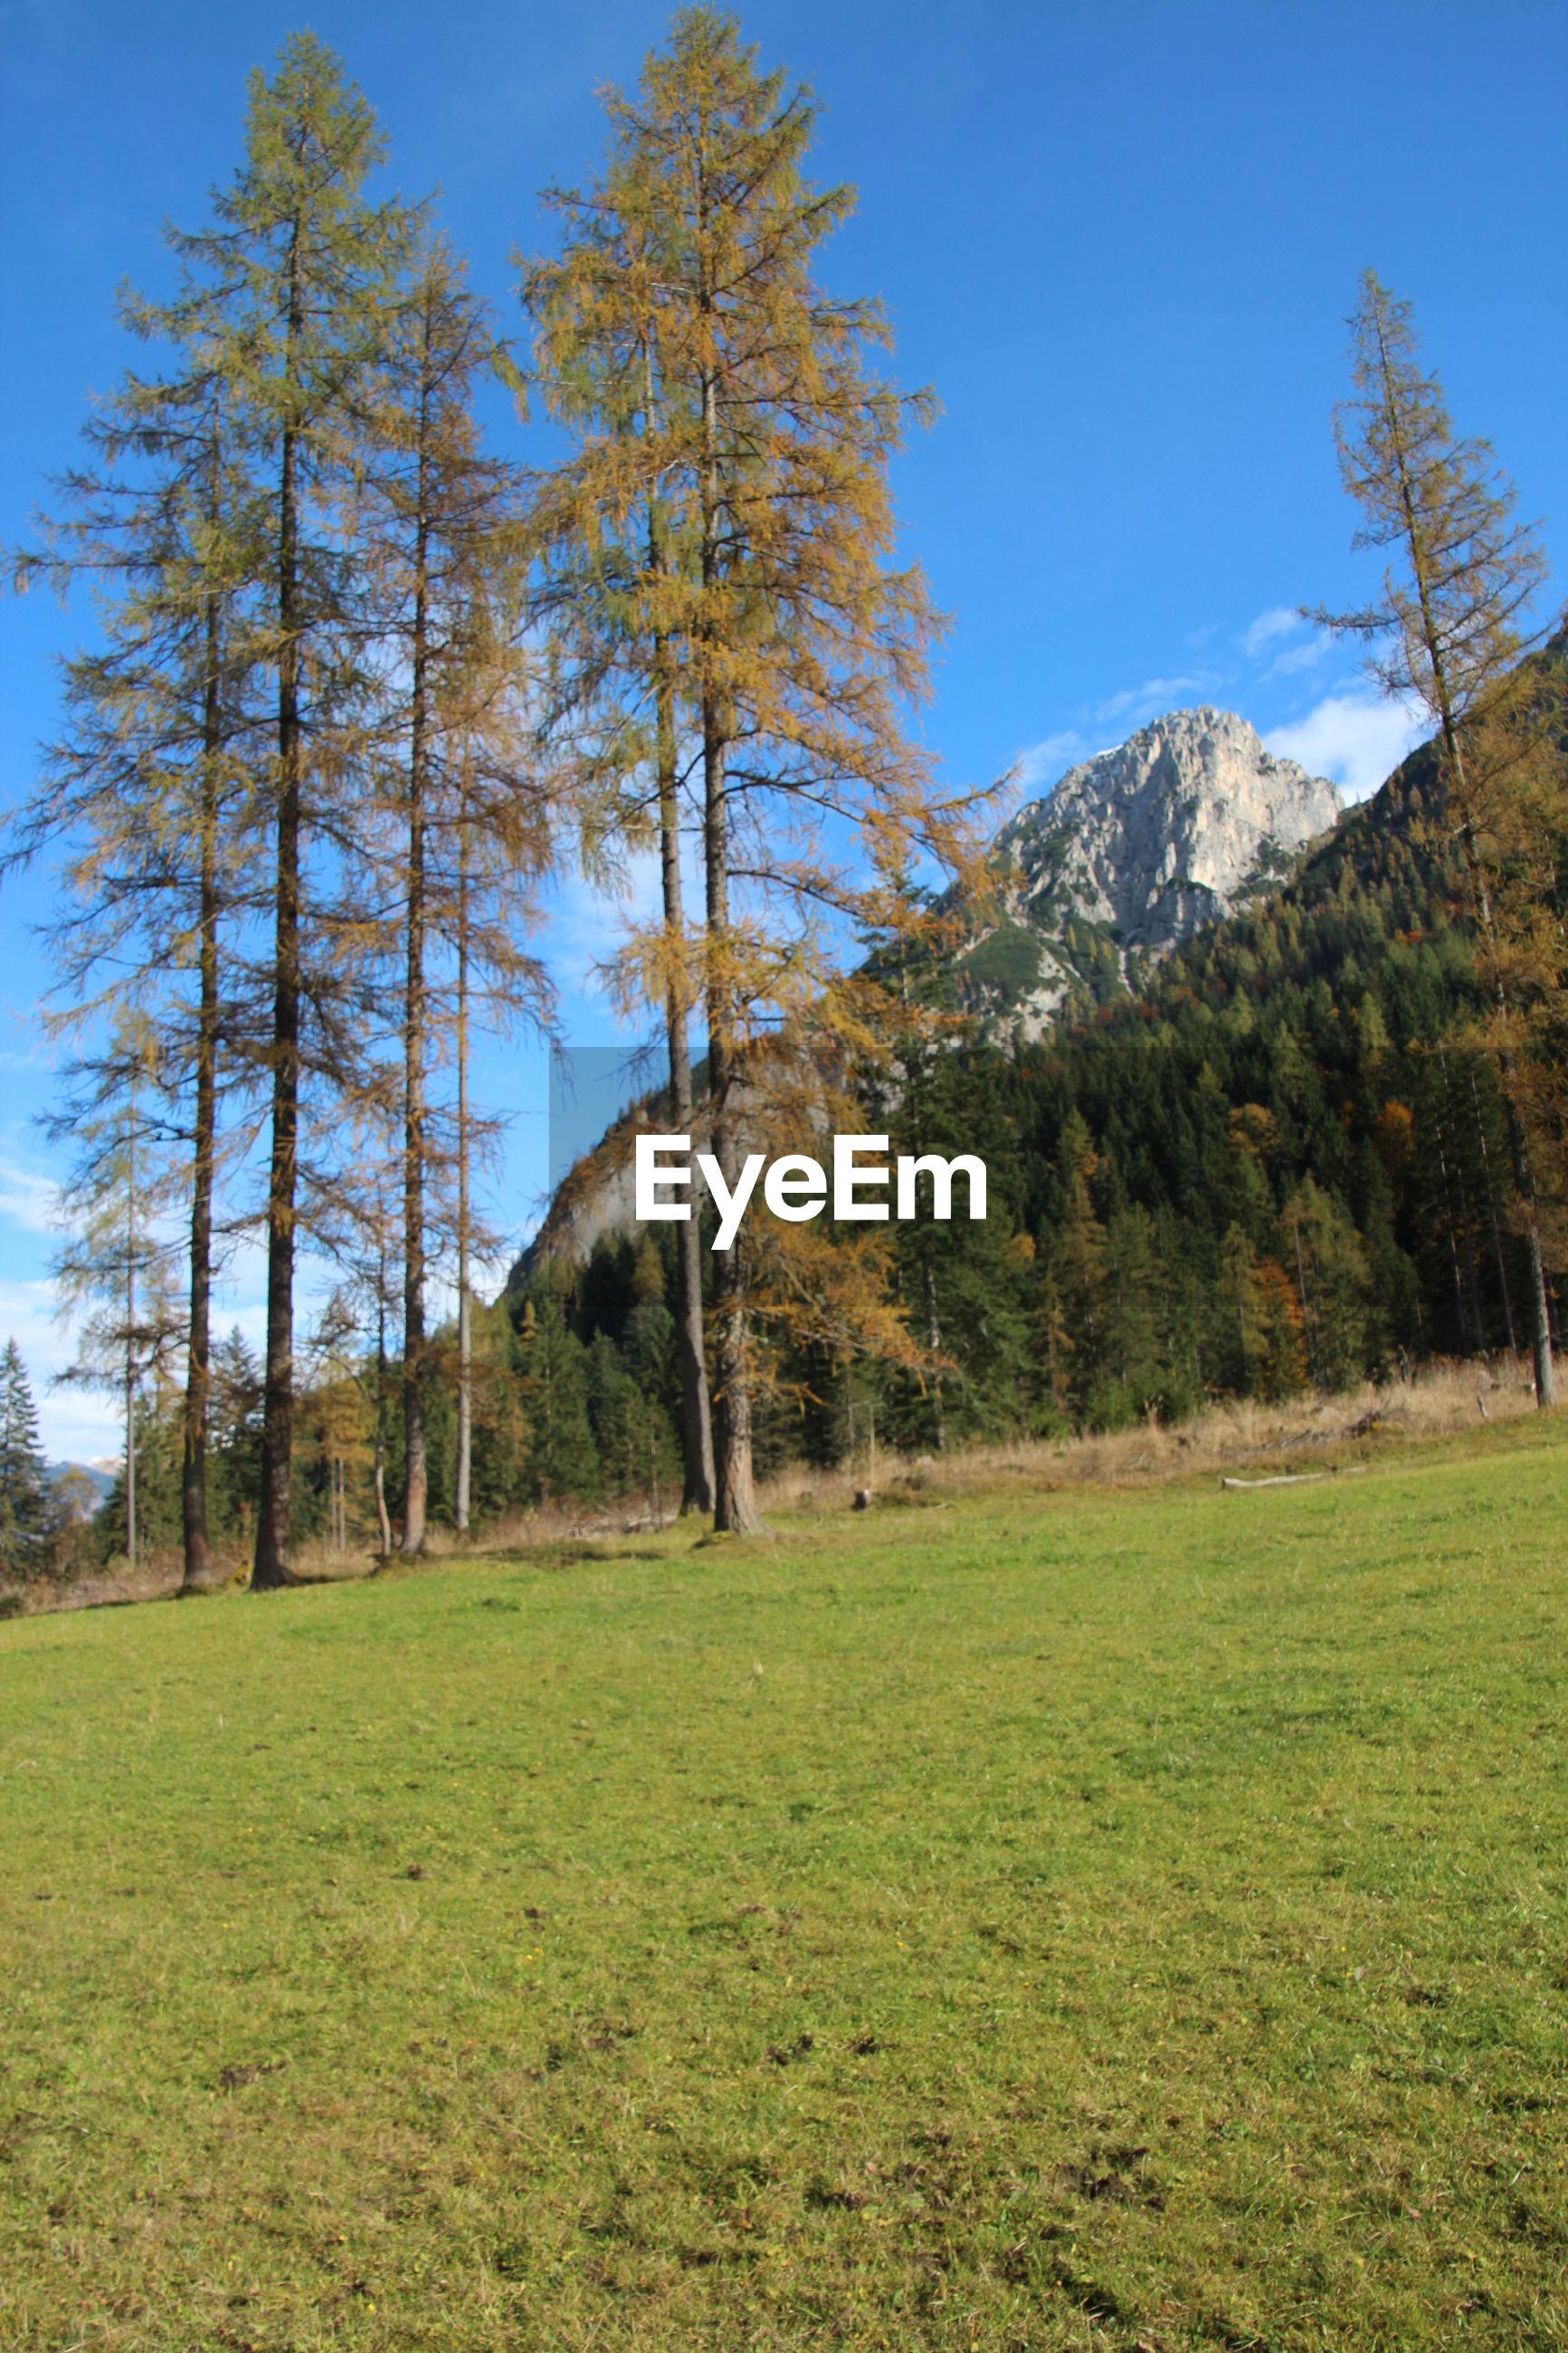 TREES ON GRASSY LANDSCAPE AGAINST MOUNTAIN RANGE